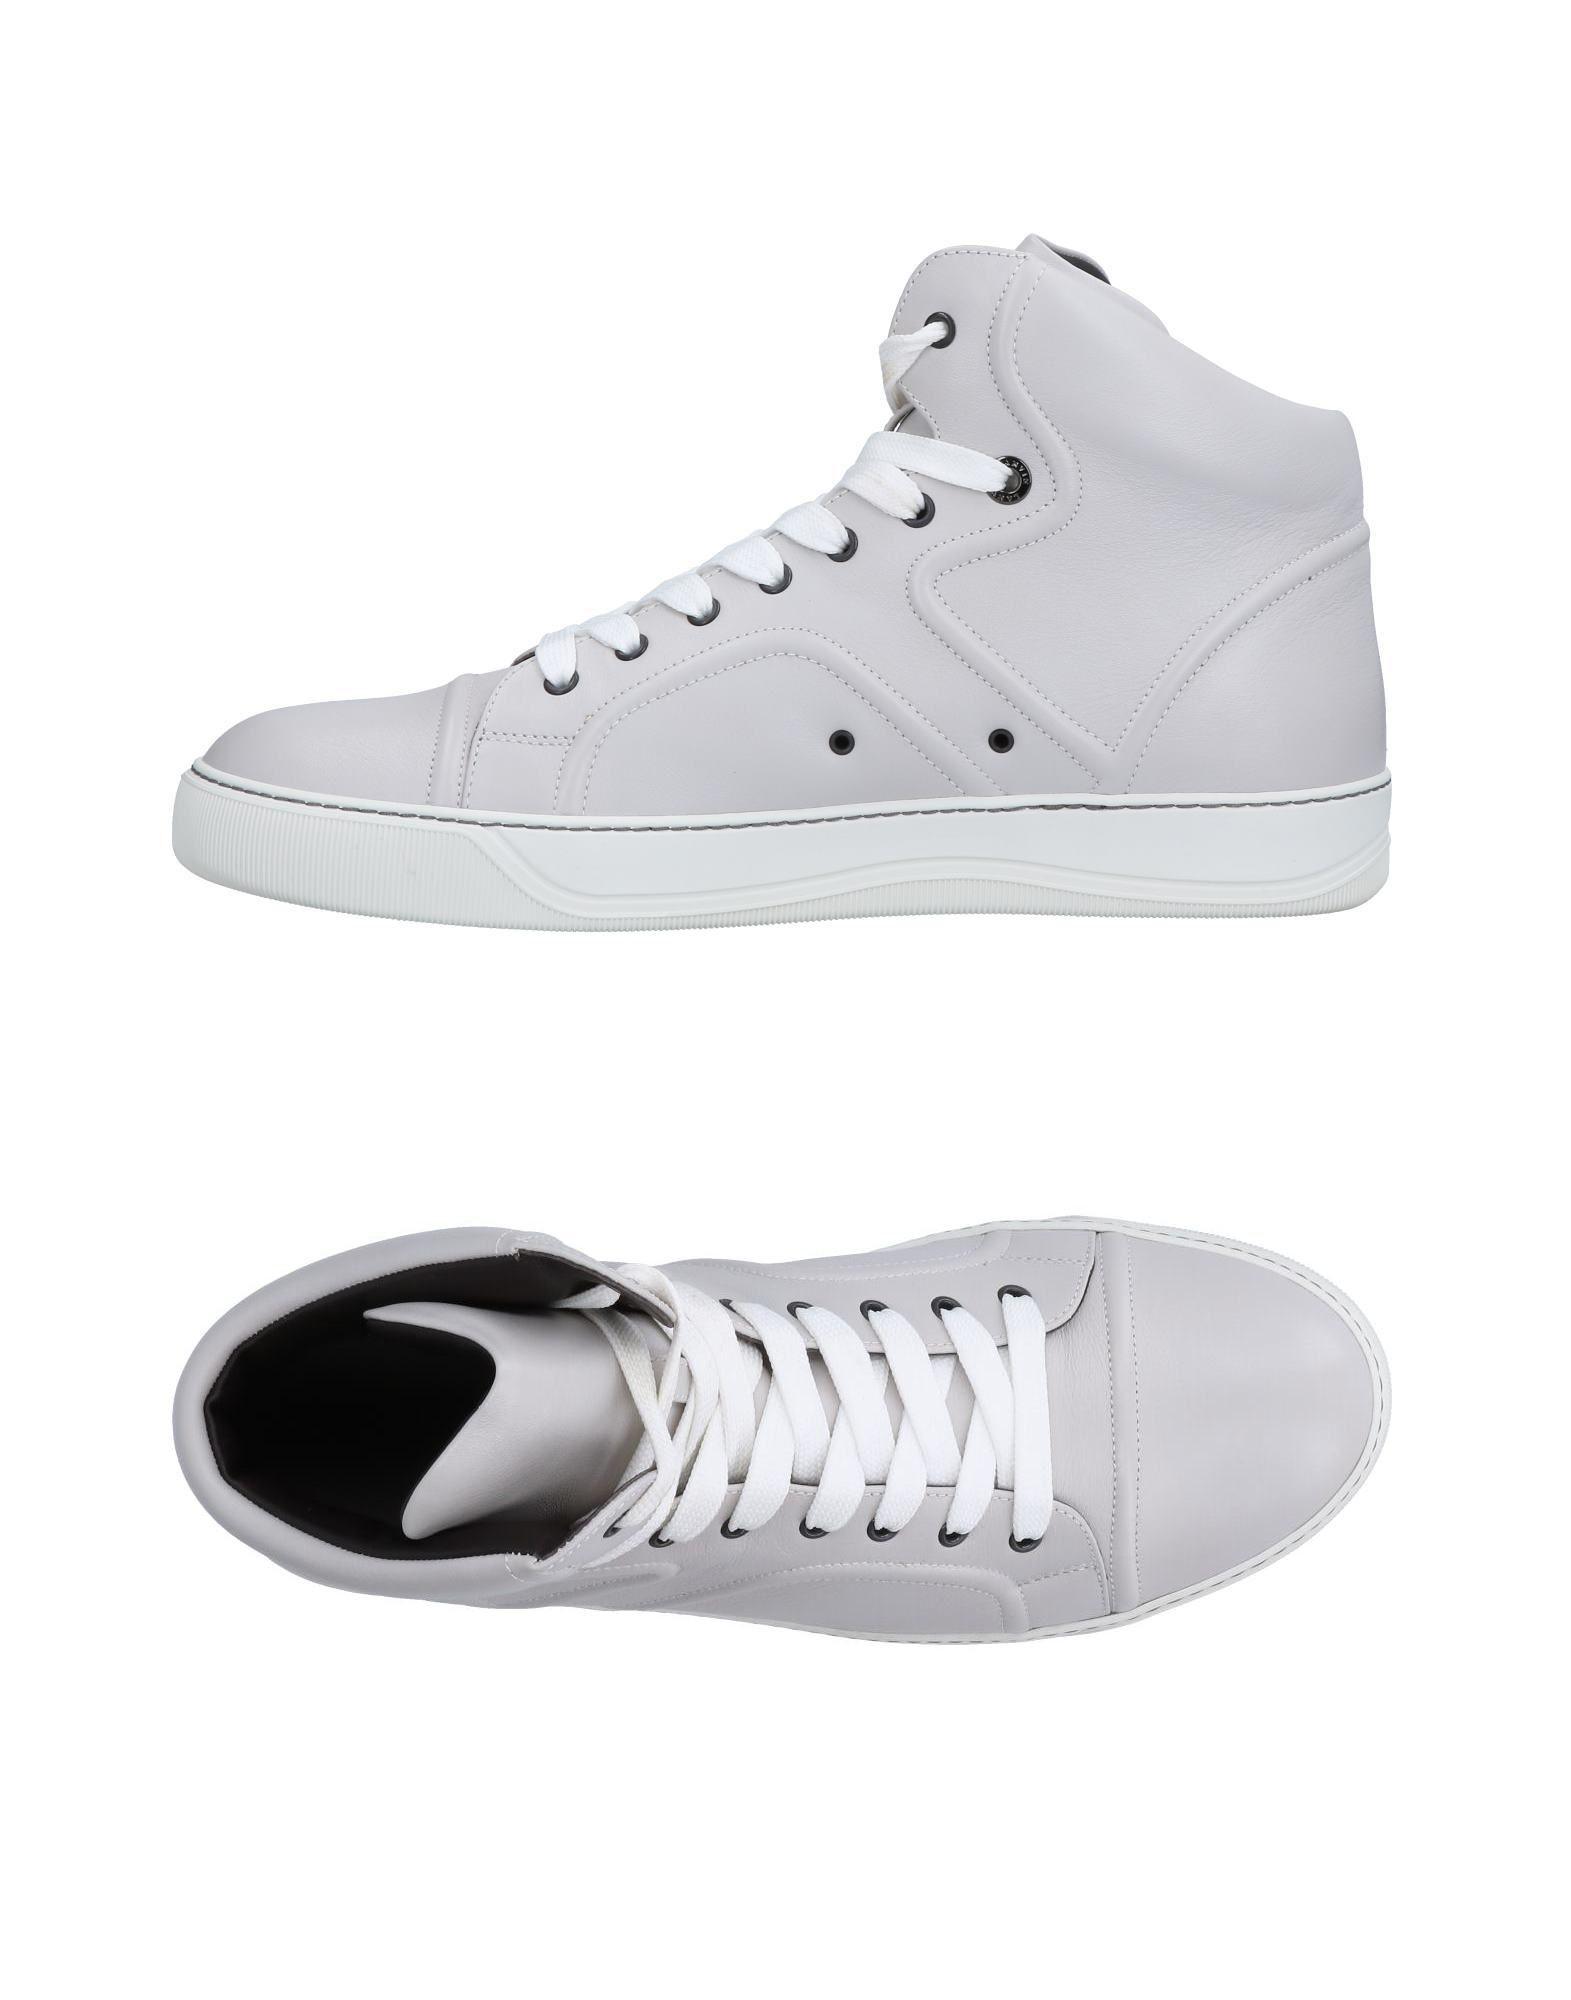 Lanvin Sneakers Herren  11216548FG Gute Qualität beliebte Schuhe